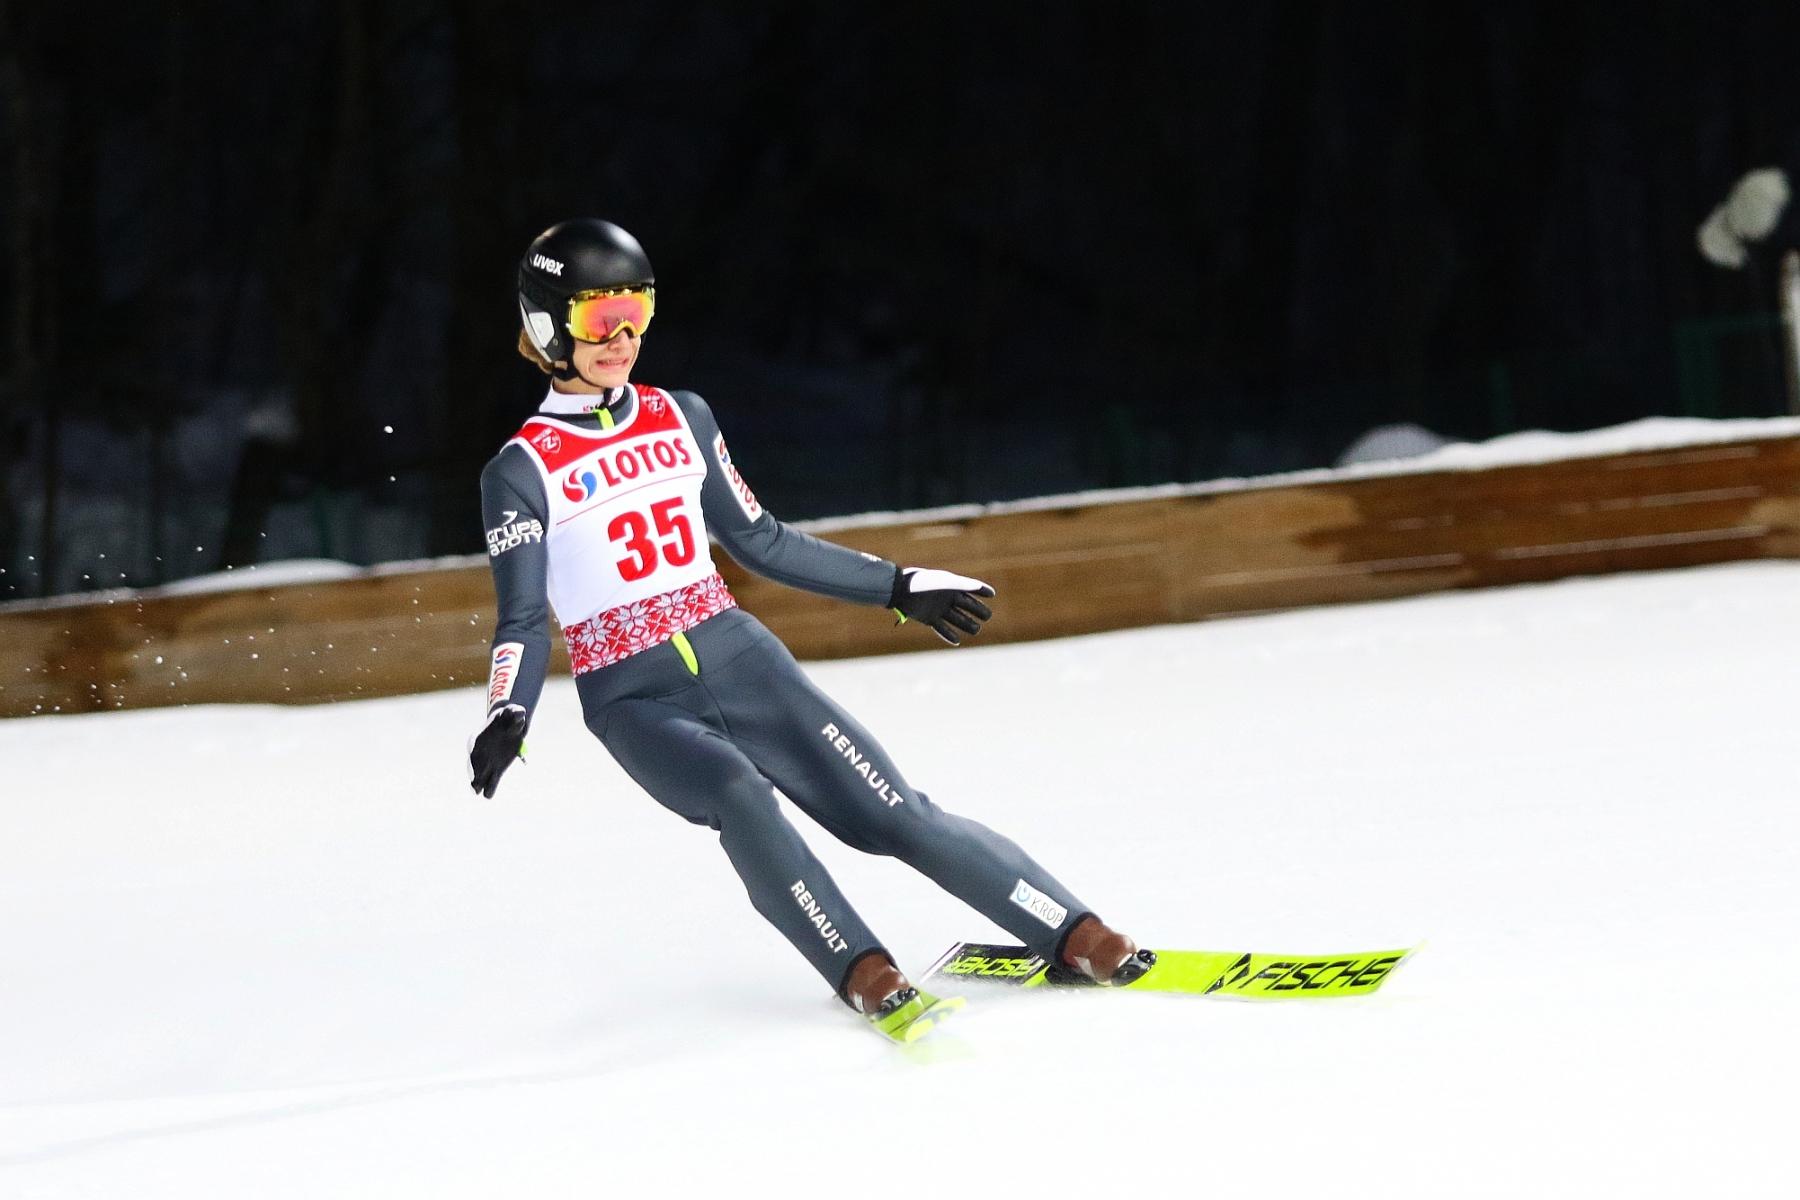 Sześciu polskich juniorów wystartuje w finale FIS Cup w Oberhofie